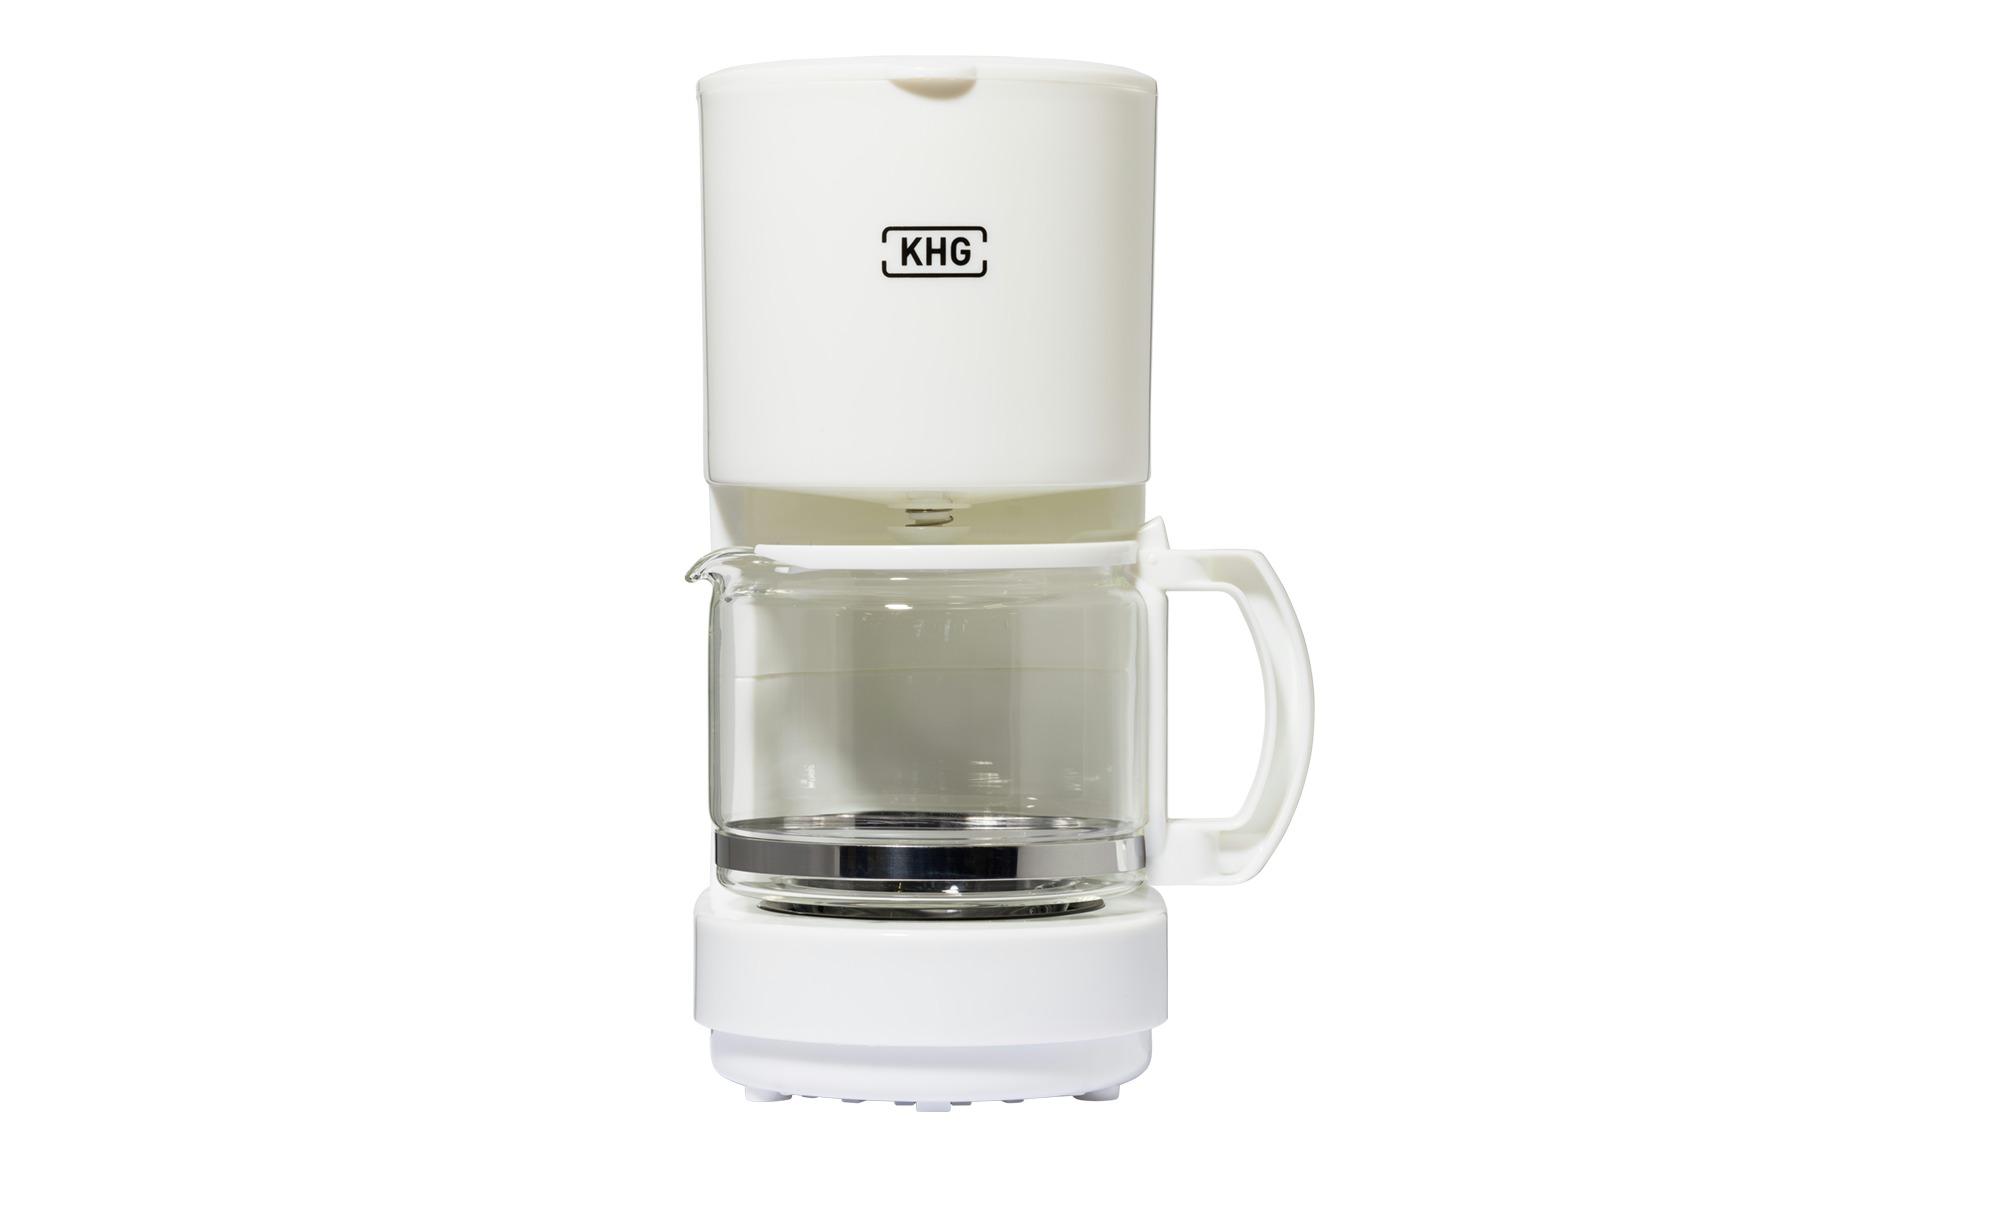 KHG Kaffeemaschine  KA-111 (W) ¦ weiß ¦ Glas , Kunststoff ¦ Maße (cm): B: 17,8 H: 25 T: 11,8 Elektrokleingeräte > Kaffee & Espressomaschinen - Höffner | Küche und Esszimmer > Kaffee und Tee > Espressomaschinen | Weiß | Glas - Kunststoff | Möbel Höffner DE